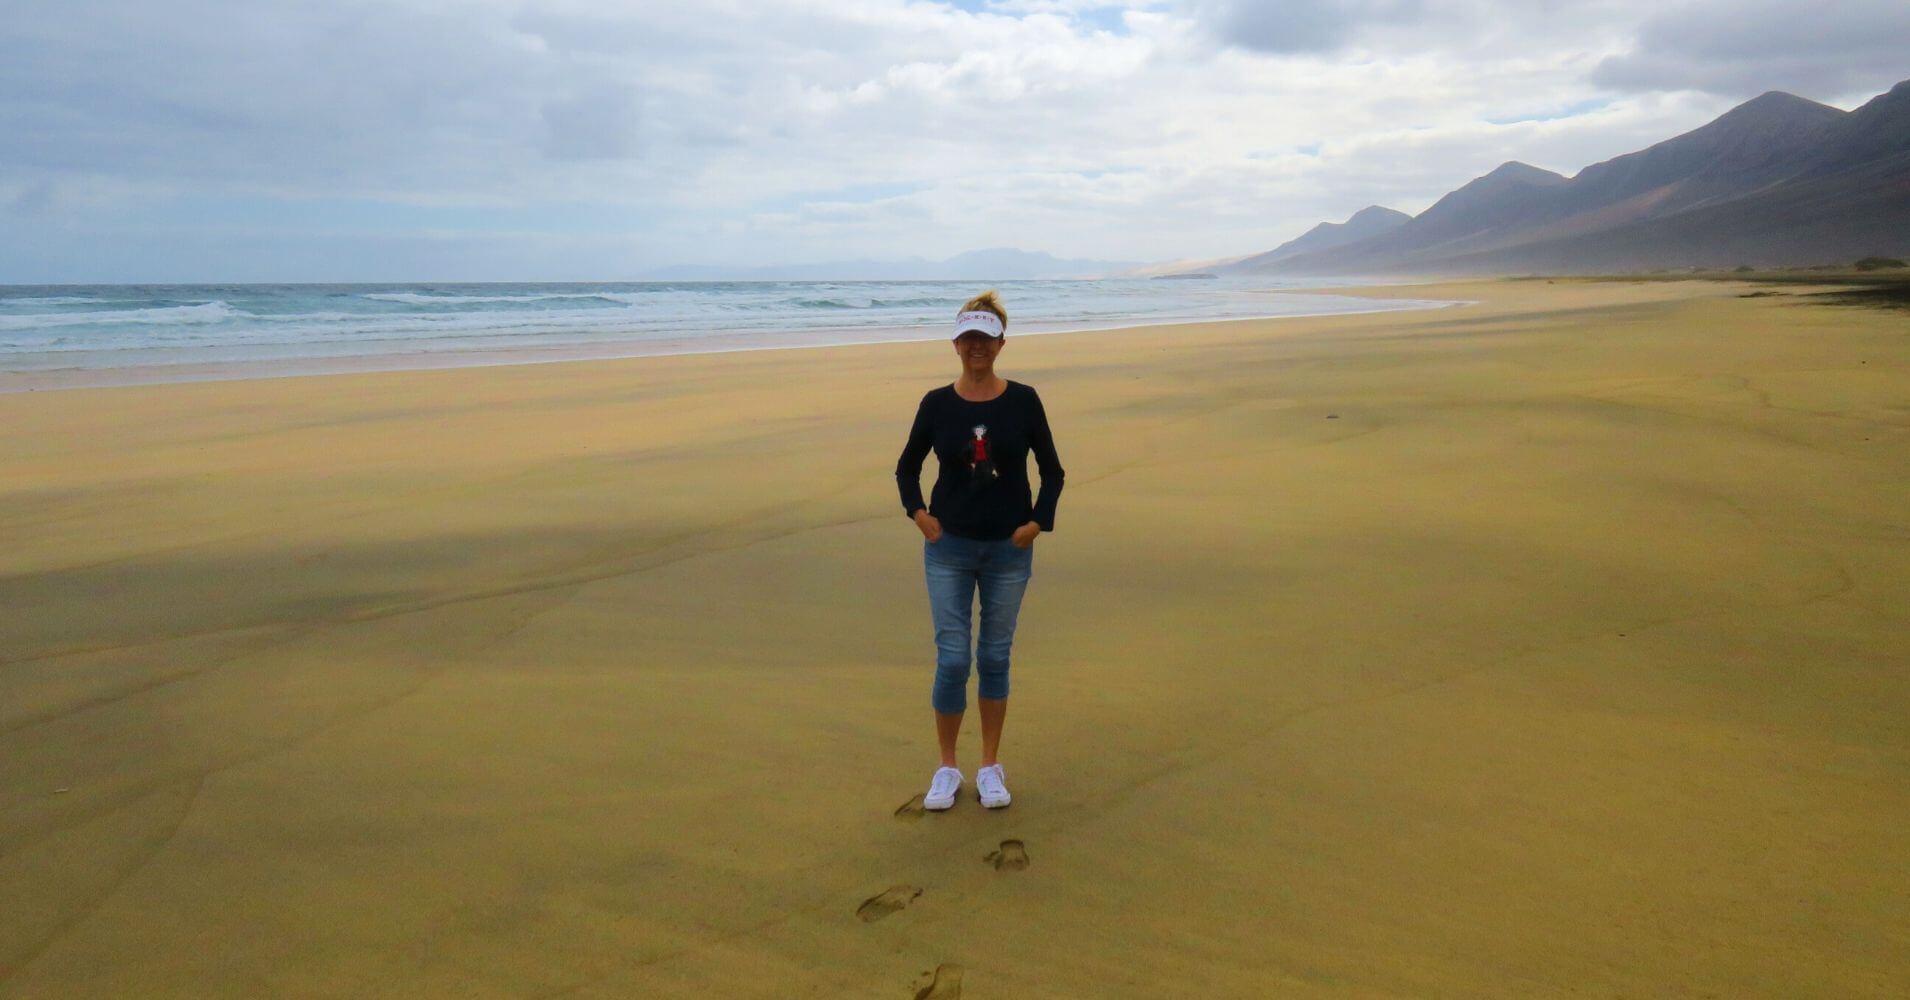 Playa de Cofete, Isla de Fuerteventura. Islas Canarias.